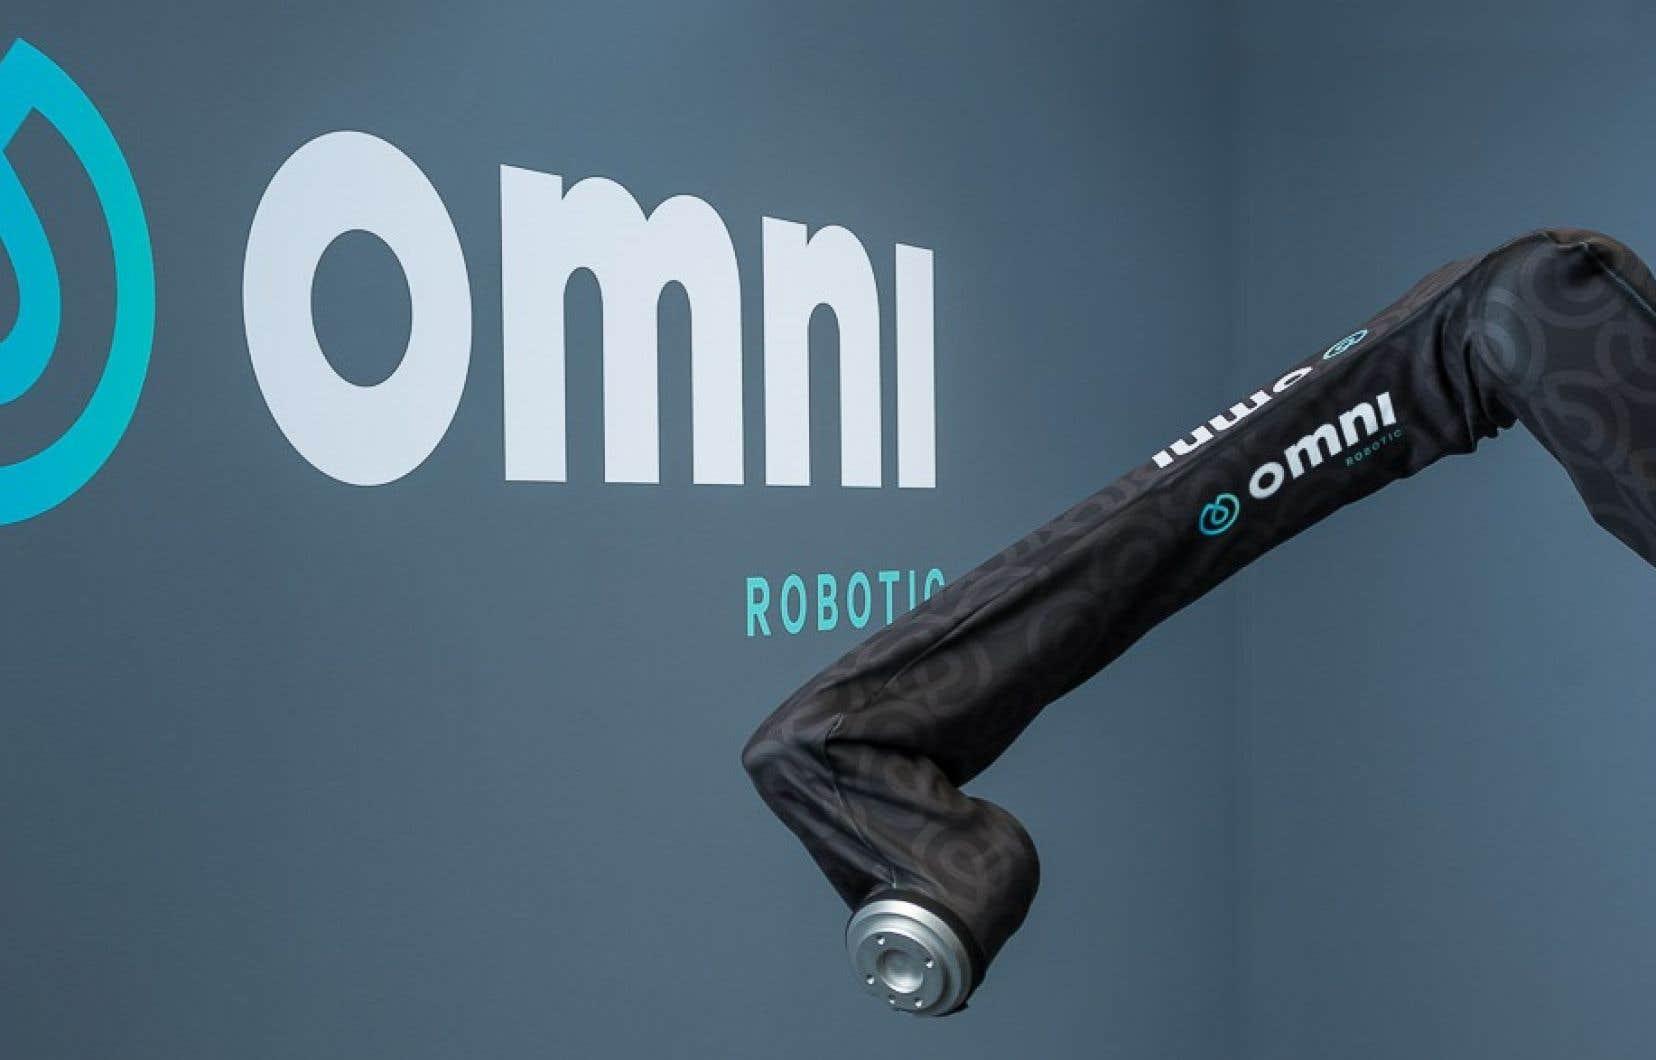 Si Omnirobotic fournit les yeux et le cerveau du robot, le bras, lui, provient d'un autre fabricant. Le tout est assemblé par un intégrateur pour le client final.